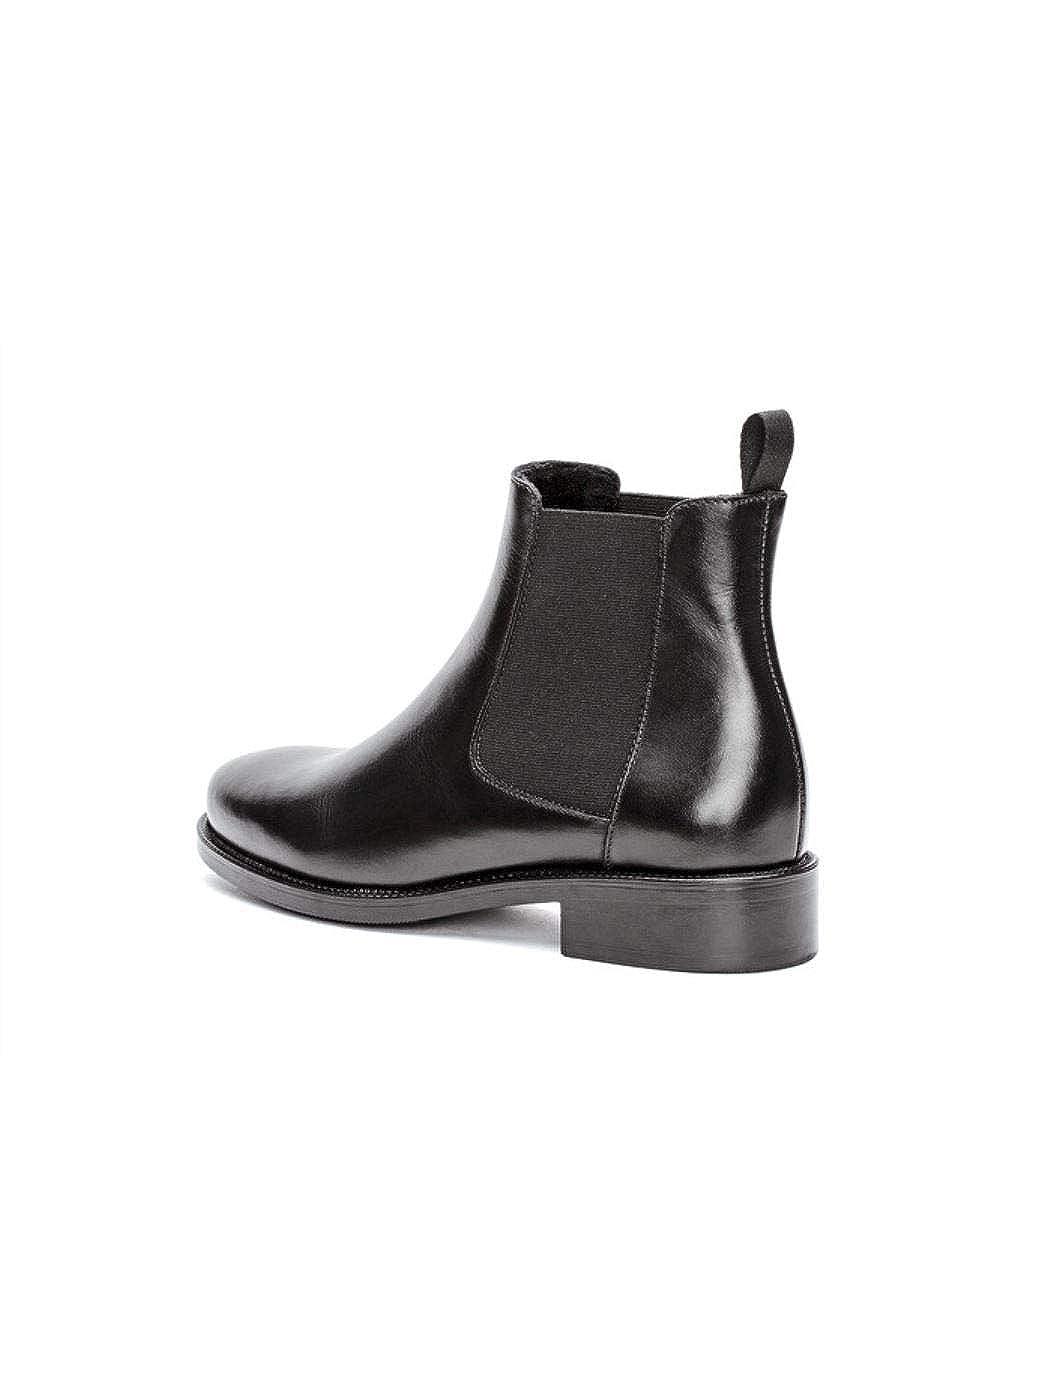 Frau 98M3 Schwarze Schuhe Ankle Stiefel Stiefeletten Beatles Beatles Beatles Leder bece7a